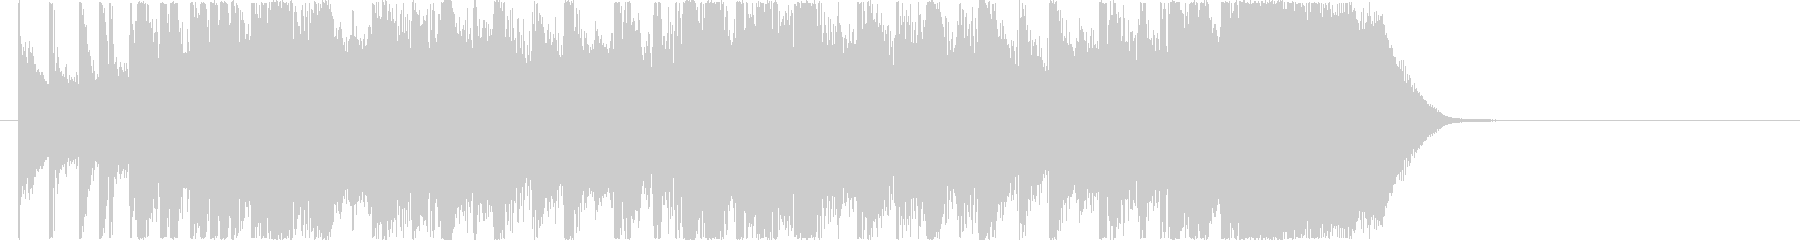 メローでマイナーなロックジングルの未再生の波形